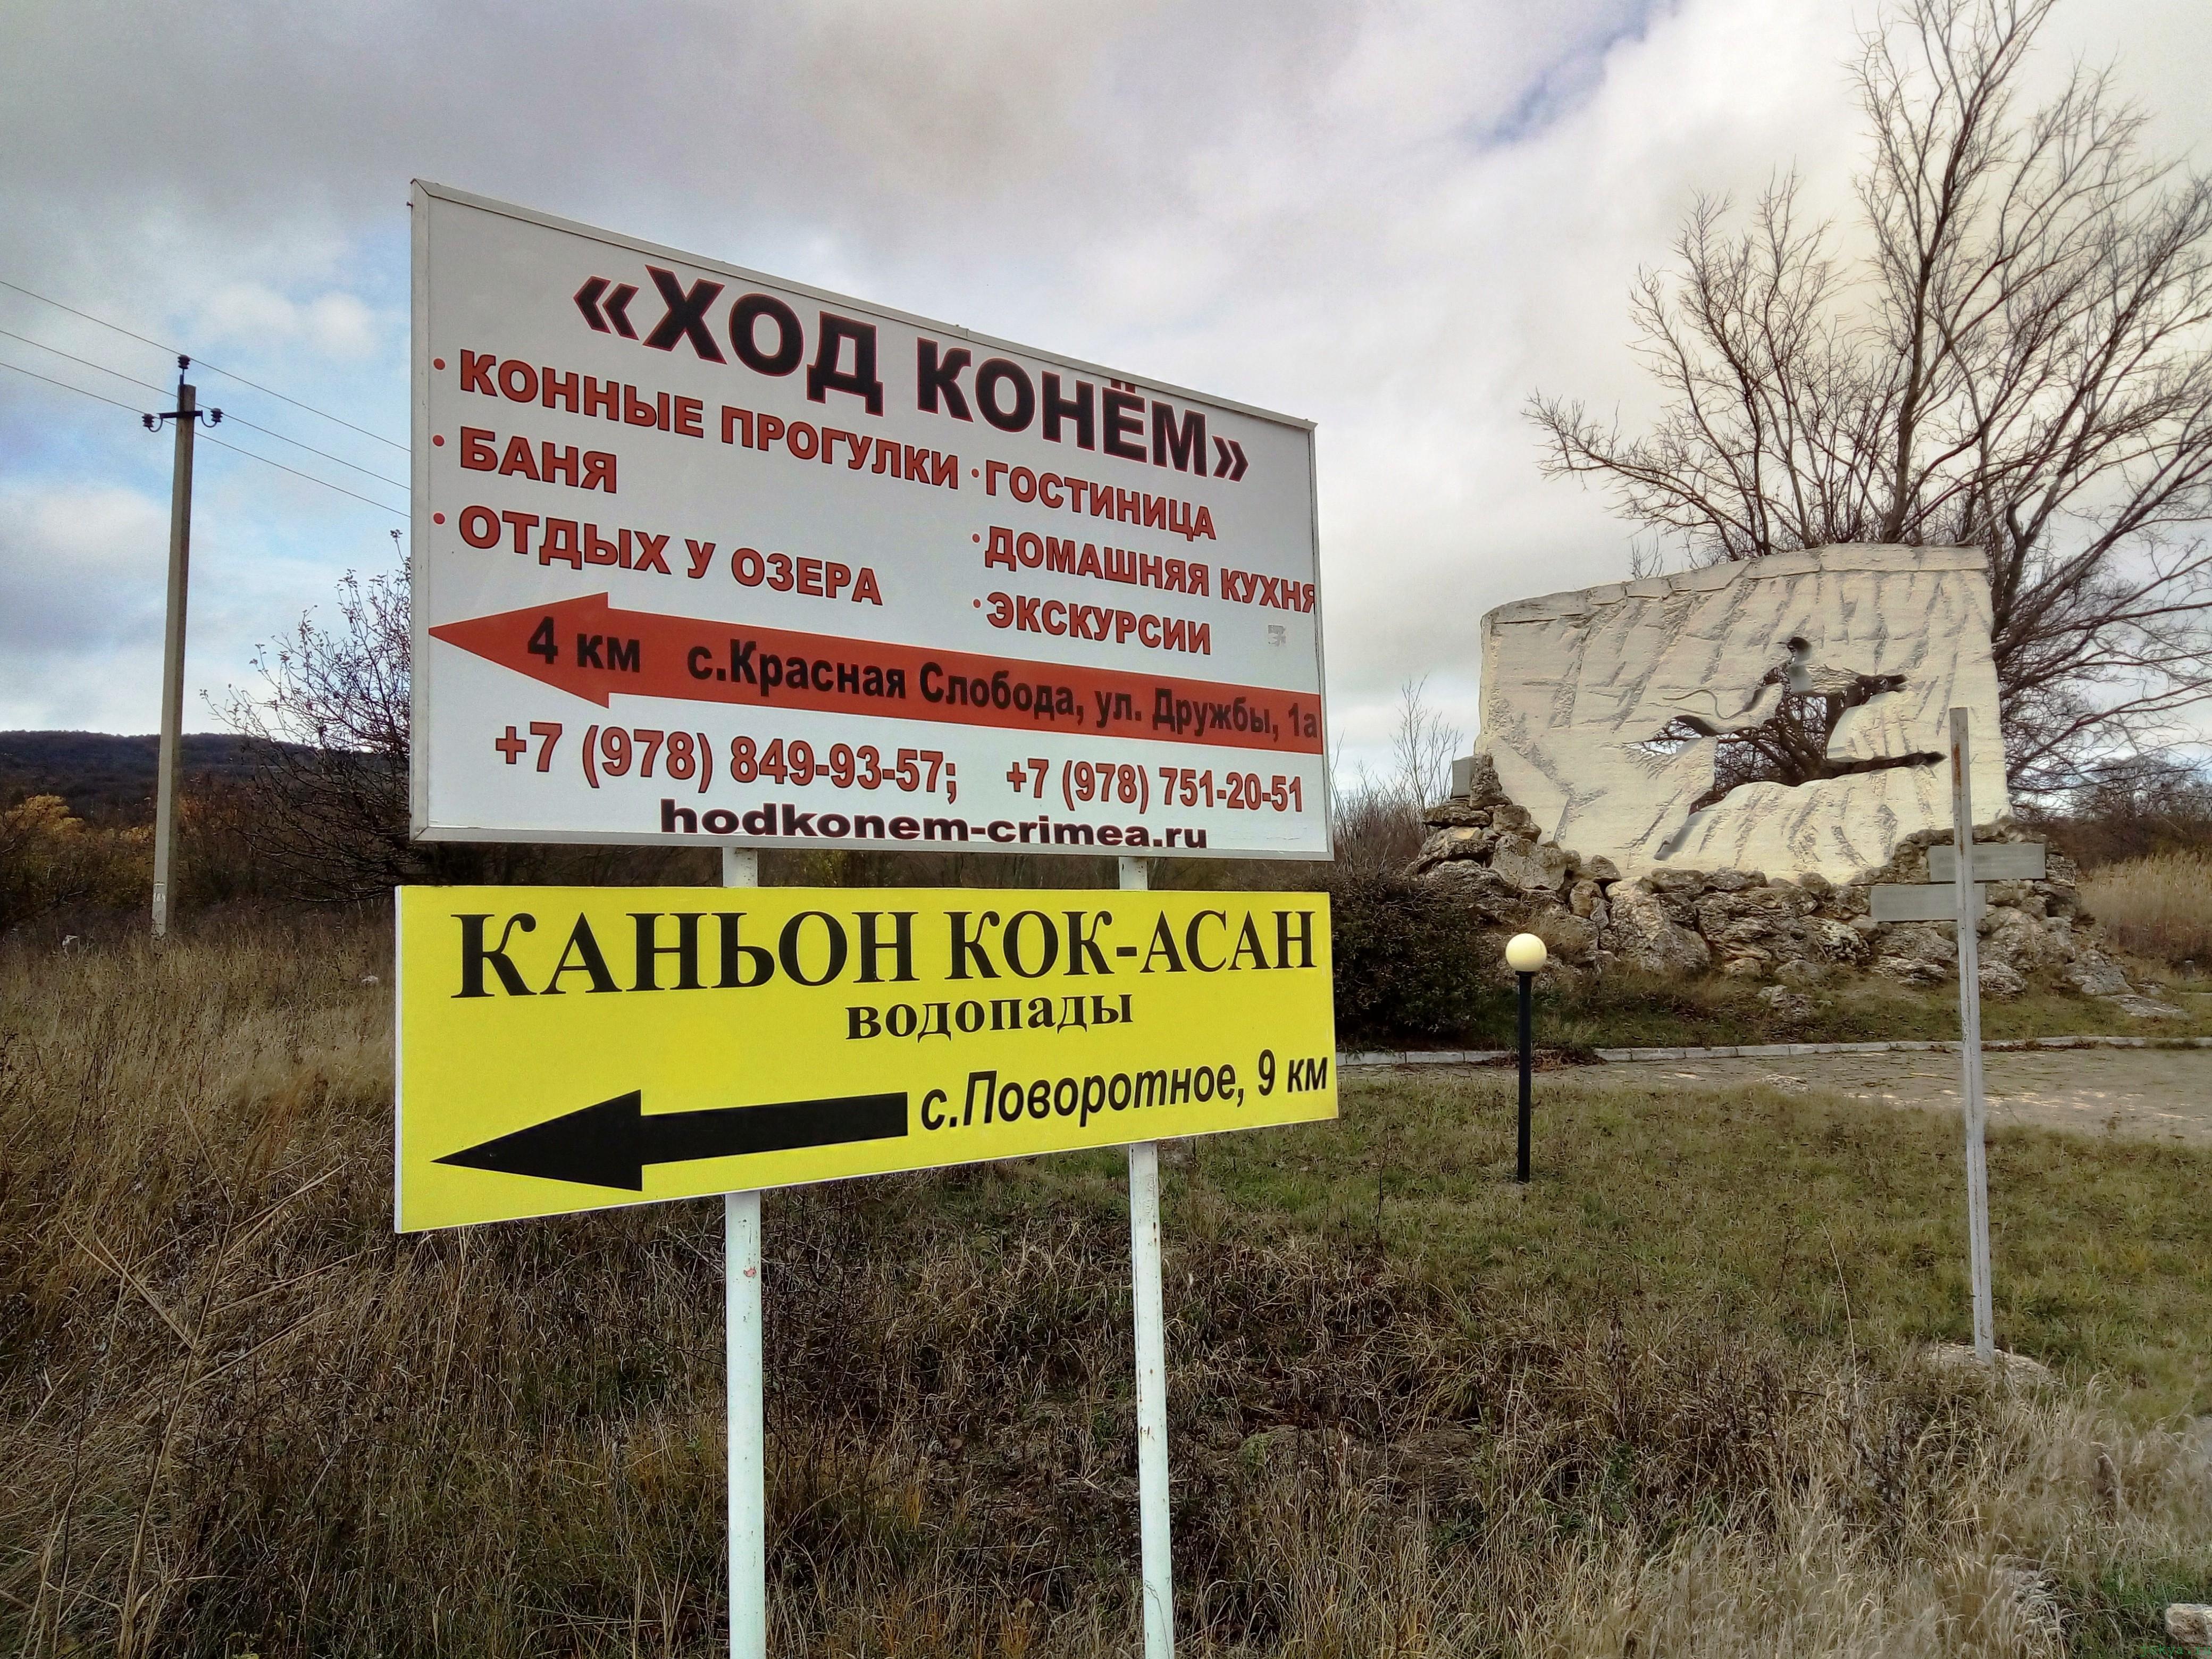 Прогулка пешком в Крыму осенний день 11 ноября 2017 года фото заметка из моей реальности в Крыму jokya.ru